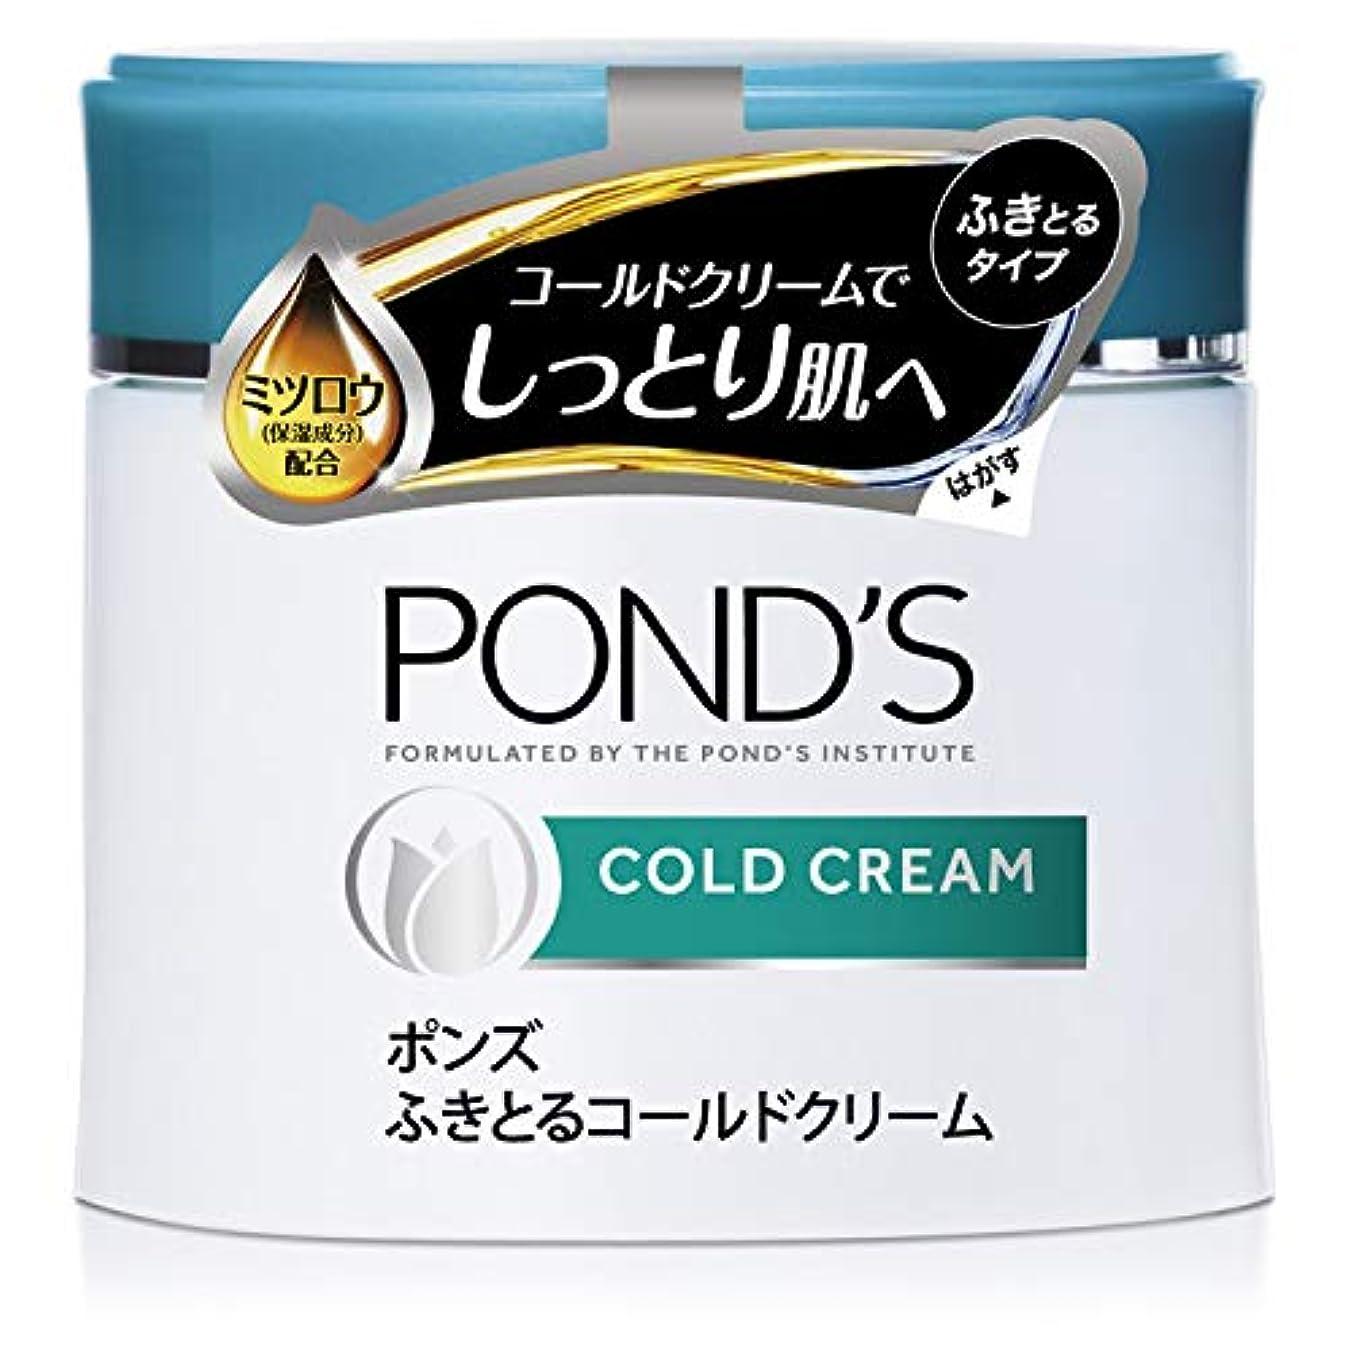 エリート特許バッフルユニリーバ?ジャパン ポンズ ふきとるコールドクリーム 270g 無着色(クレンジングクリーム)×24点セット (4902111727387)